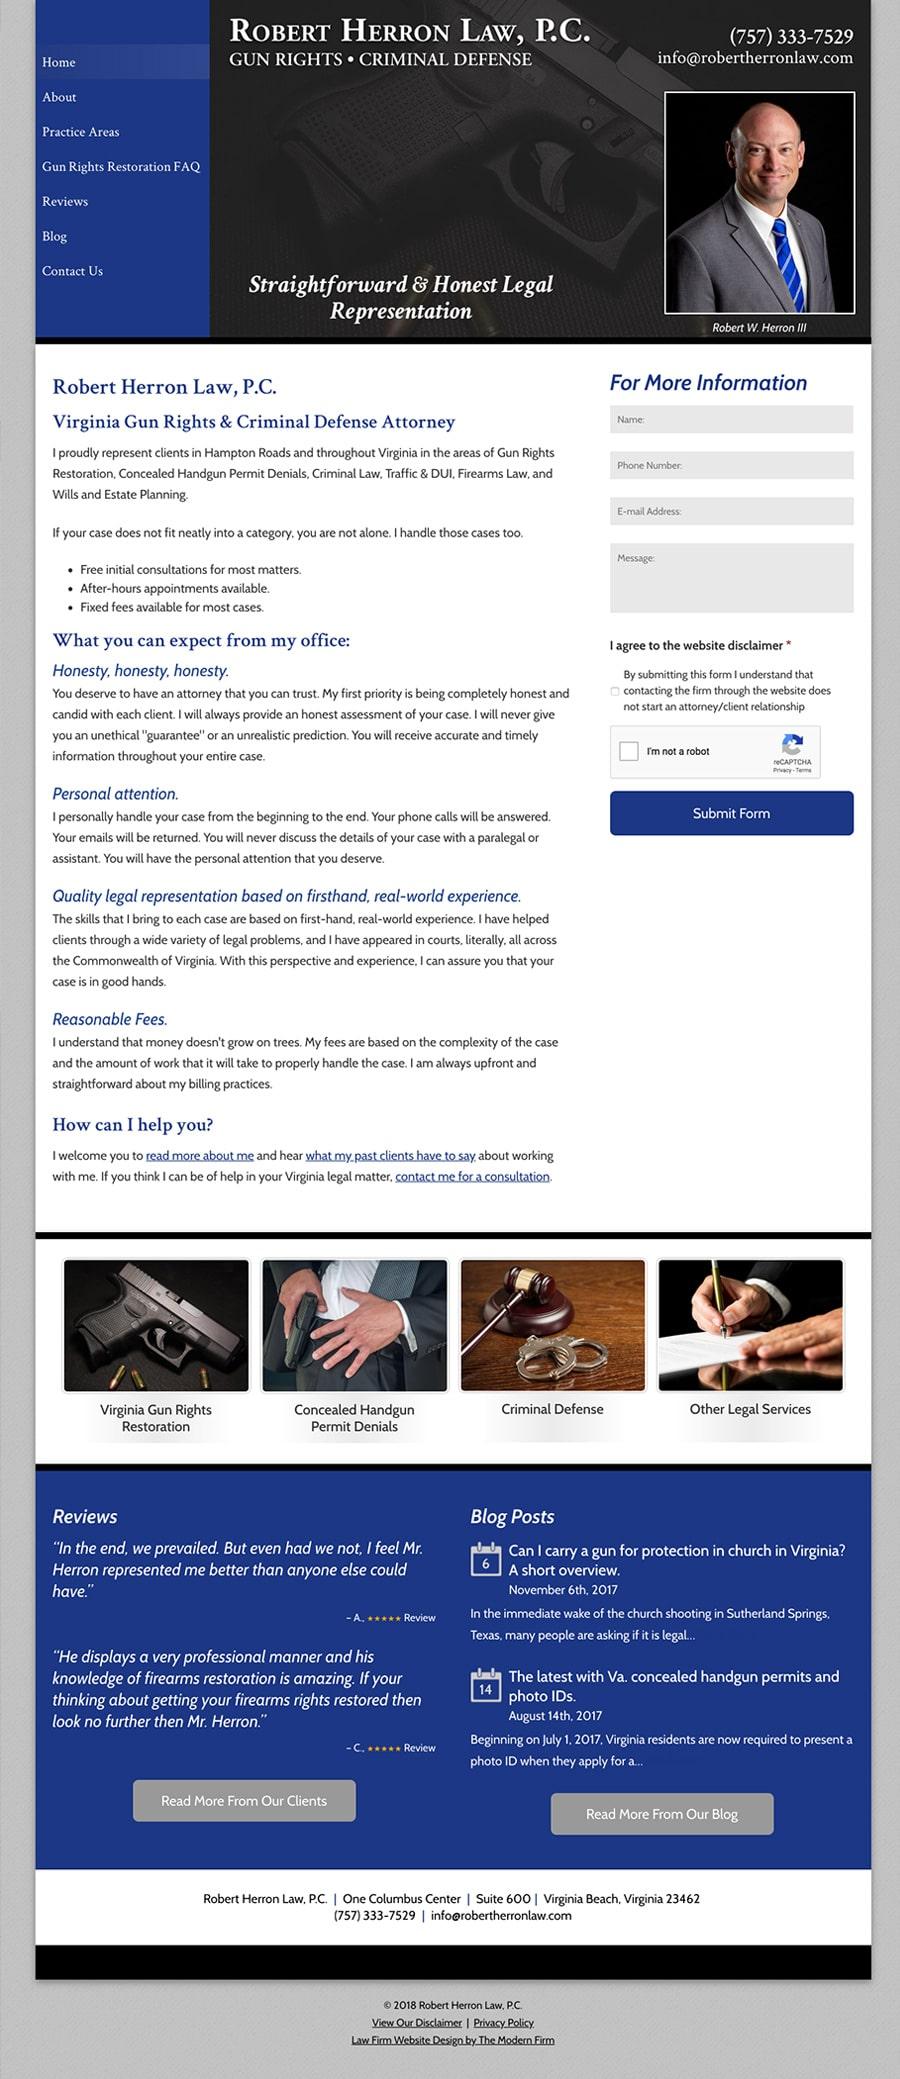 Law Firm Website Design for Robert Herron Law, P.C.